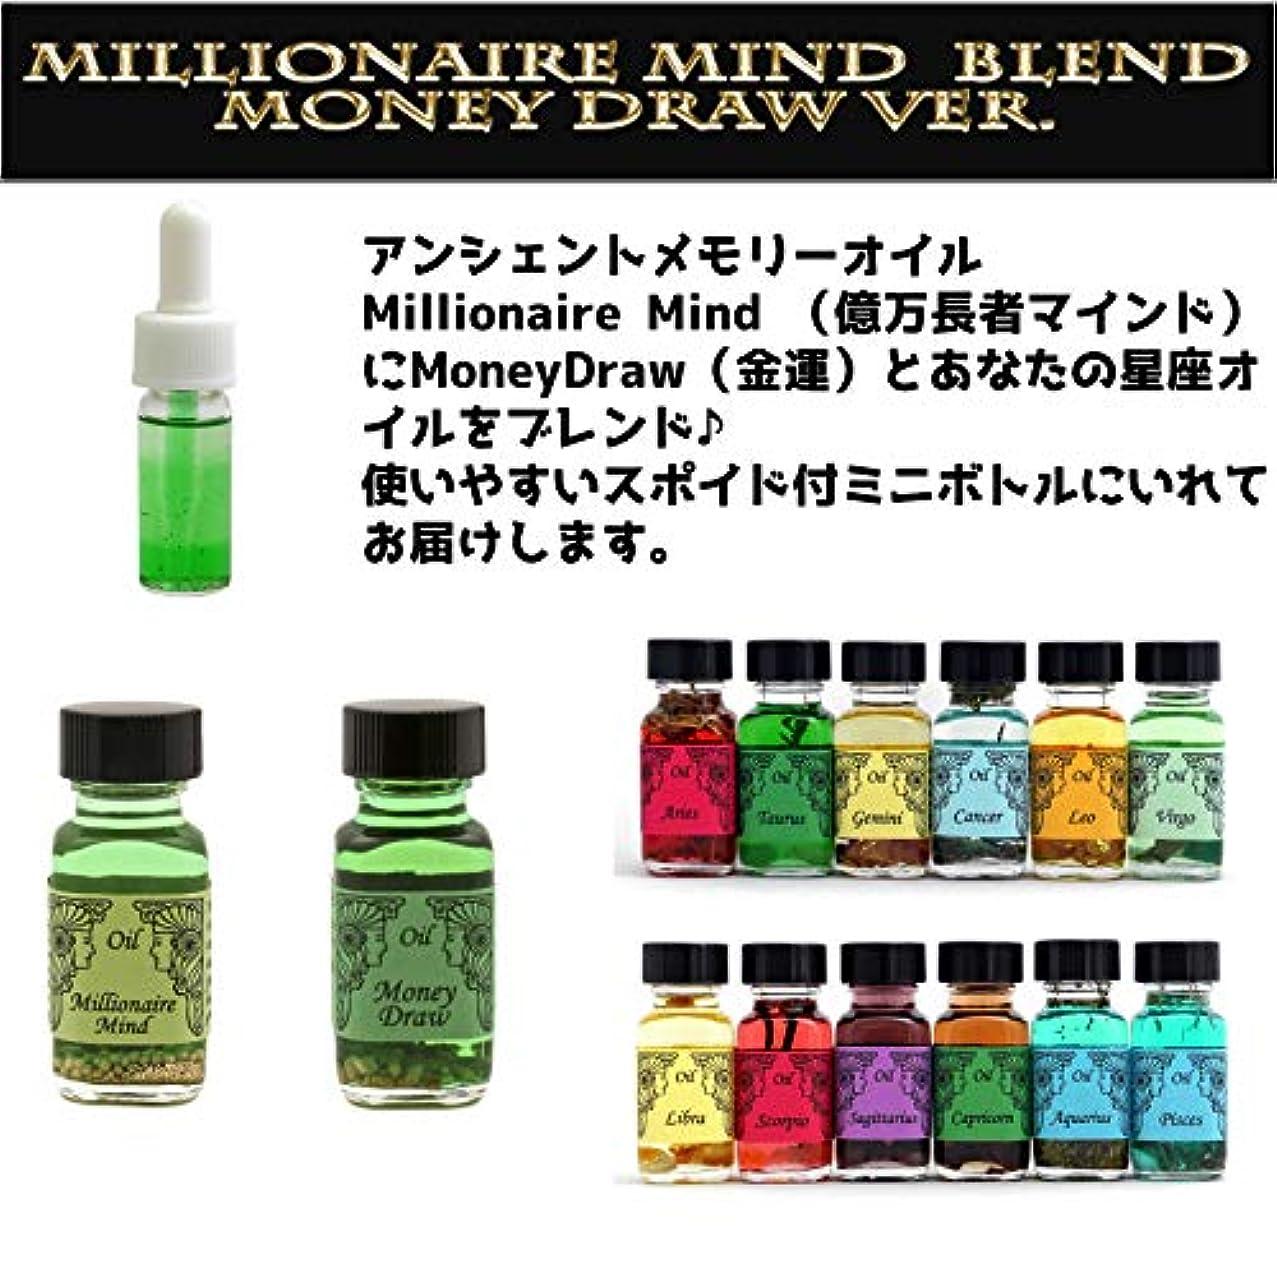 出席するストリップ好意的アンシェントメモリーオイル Millionaire Mind 億万長者マインド ブレンド(Money Drawマネードロー(金運)&おひつじ座